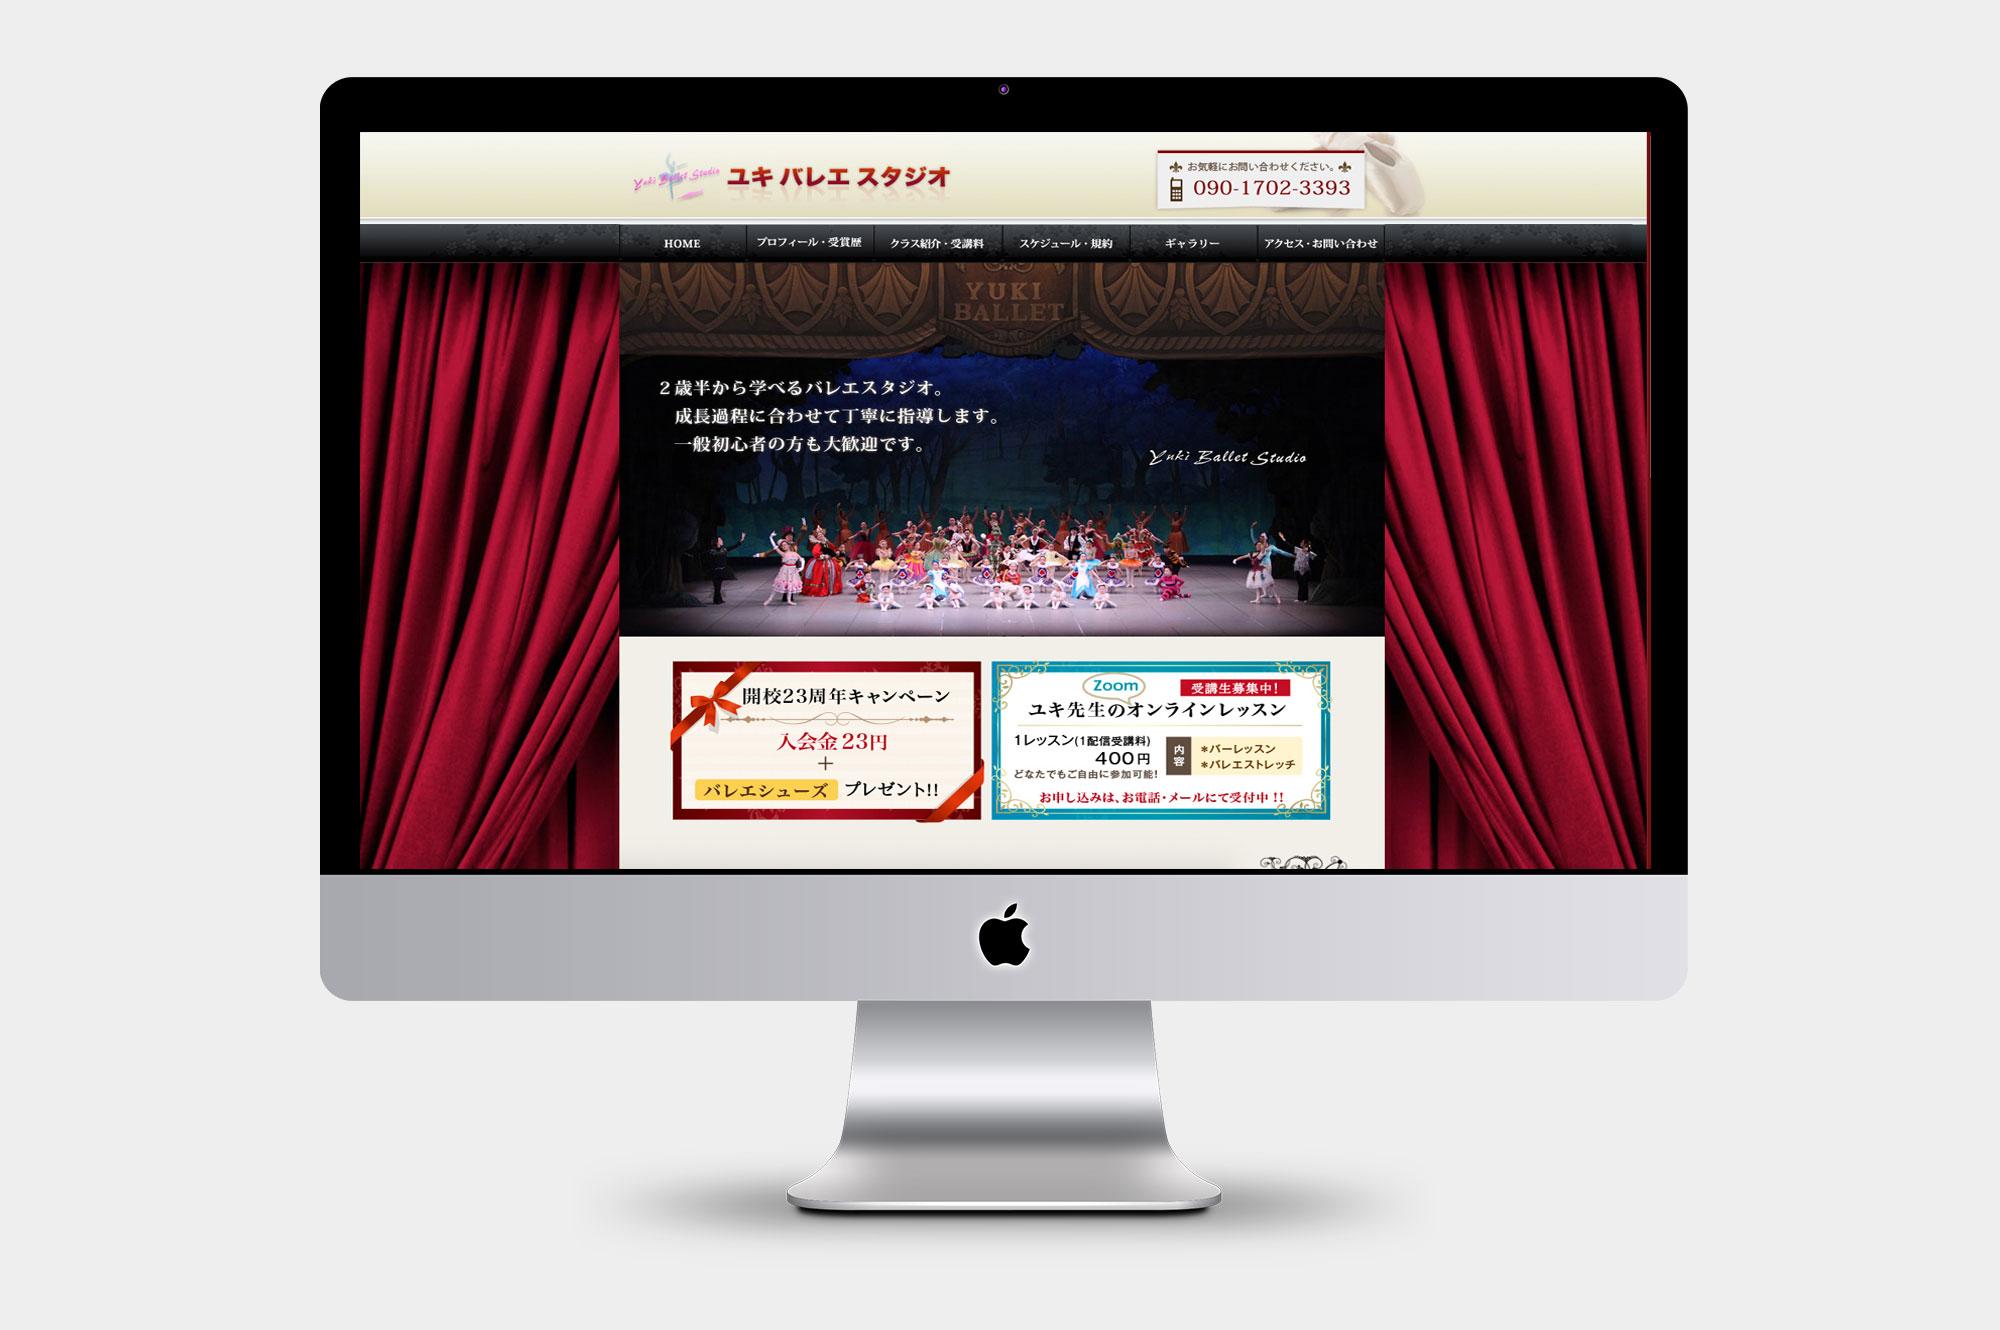 ユキバレエ様ホームページ